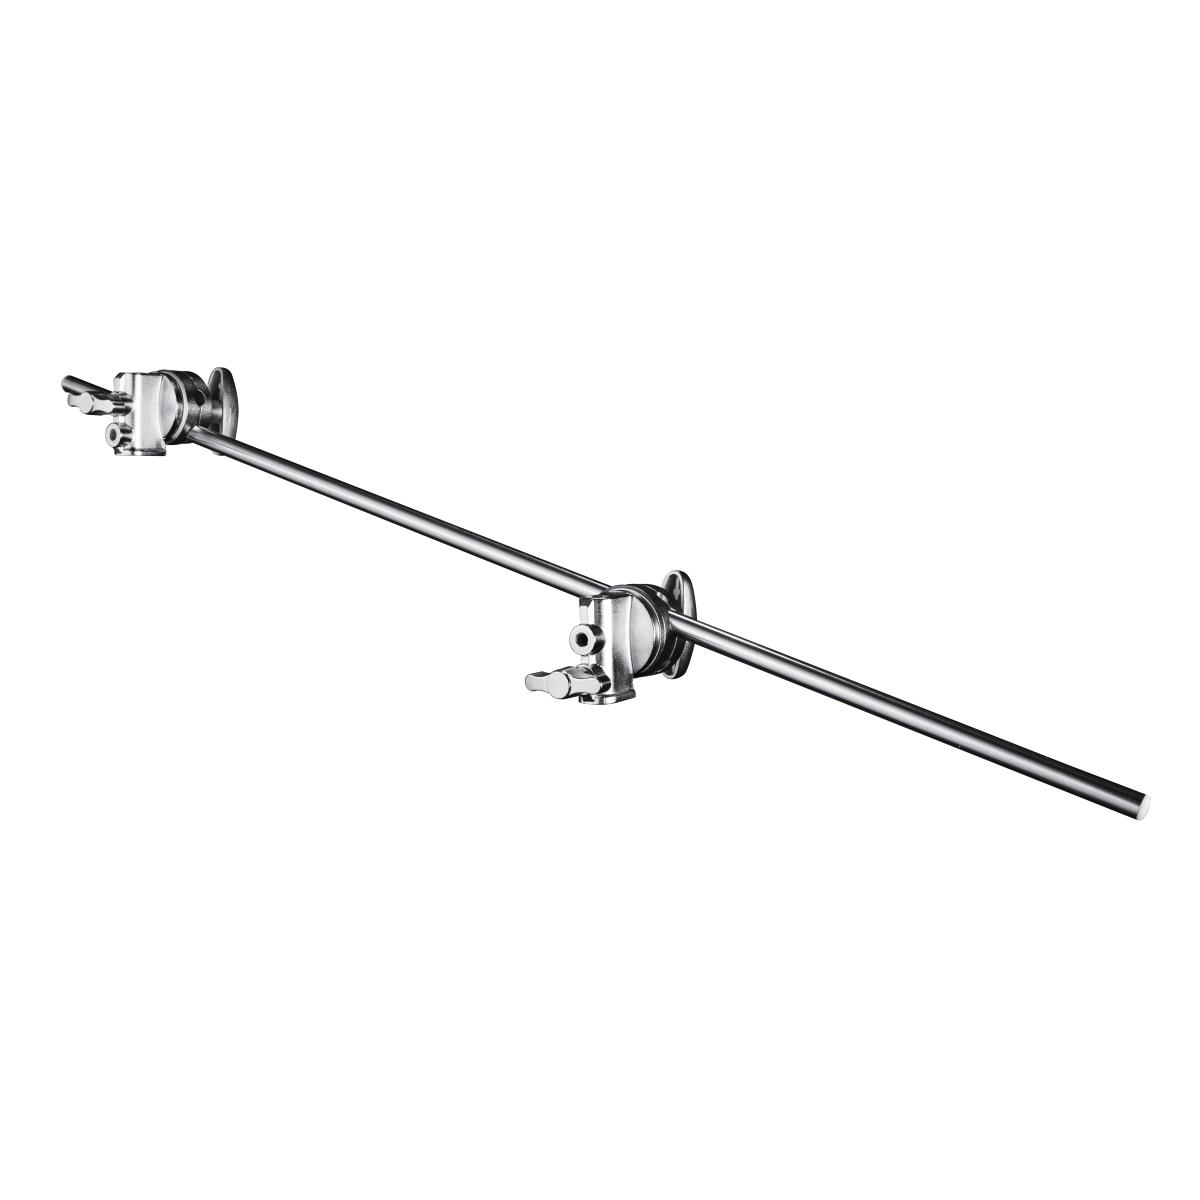 Walimex pro Galgen mit 2 Schraubklemmen, 100 cm